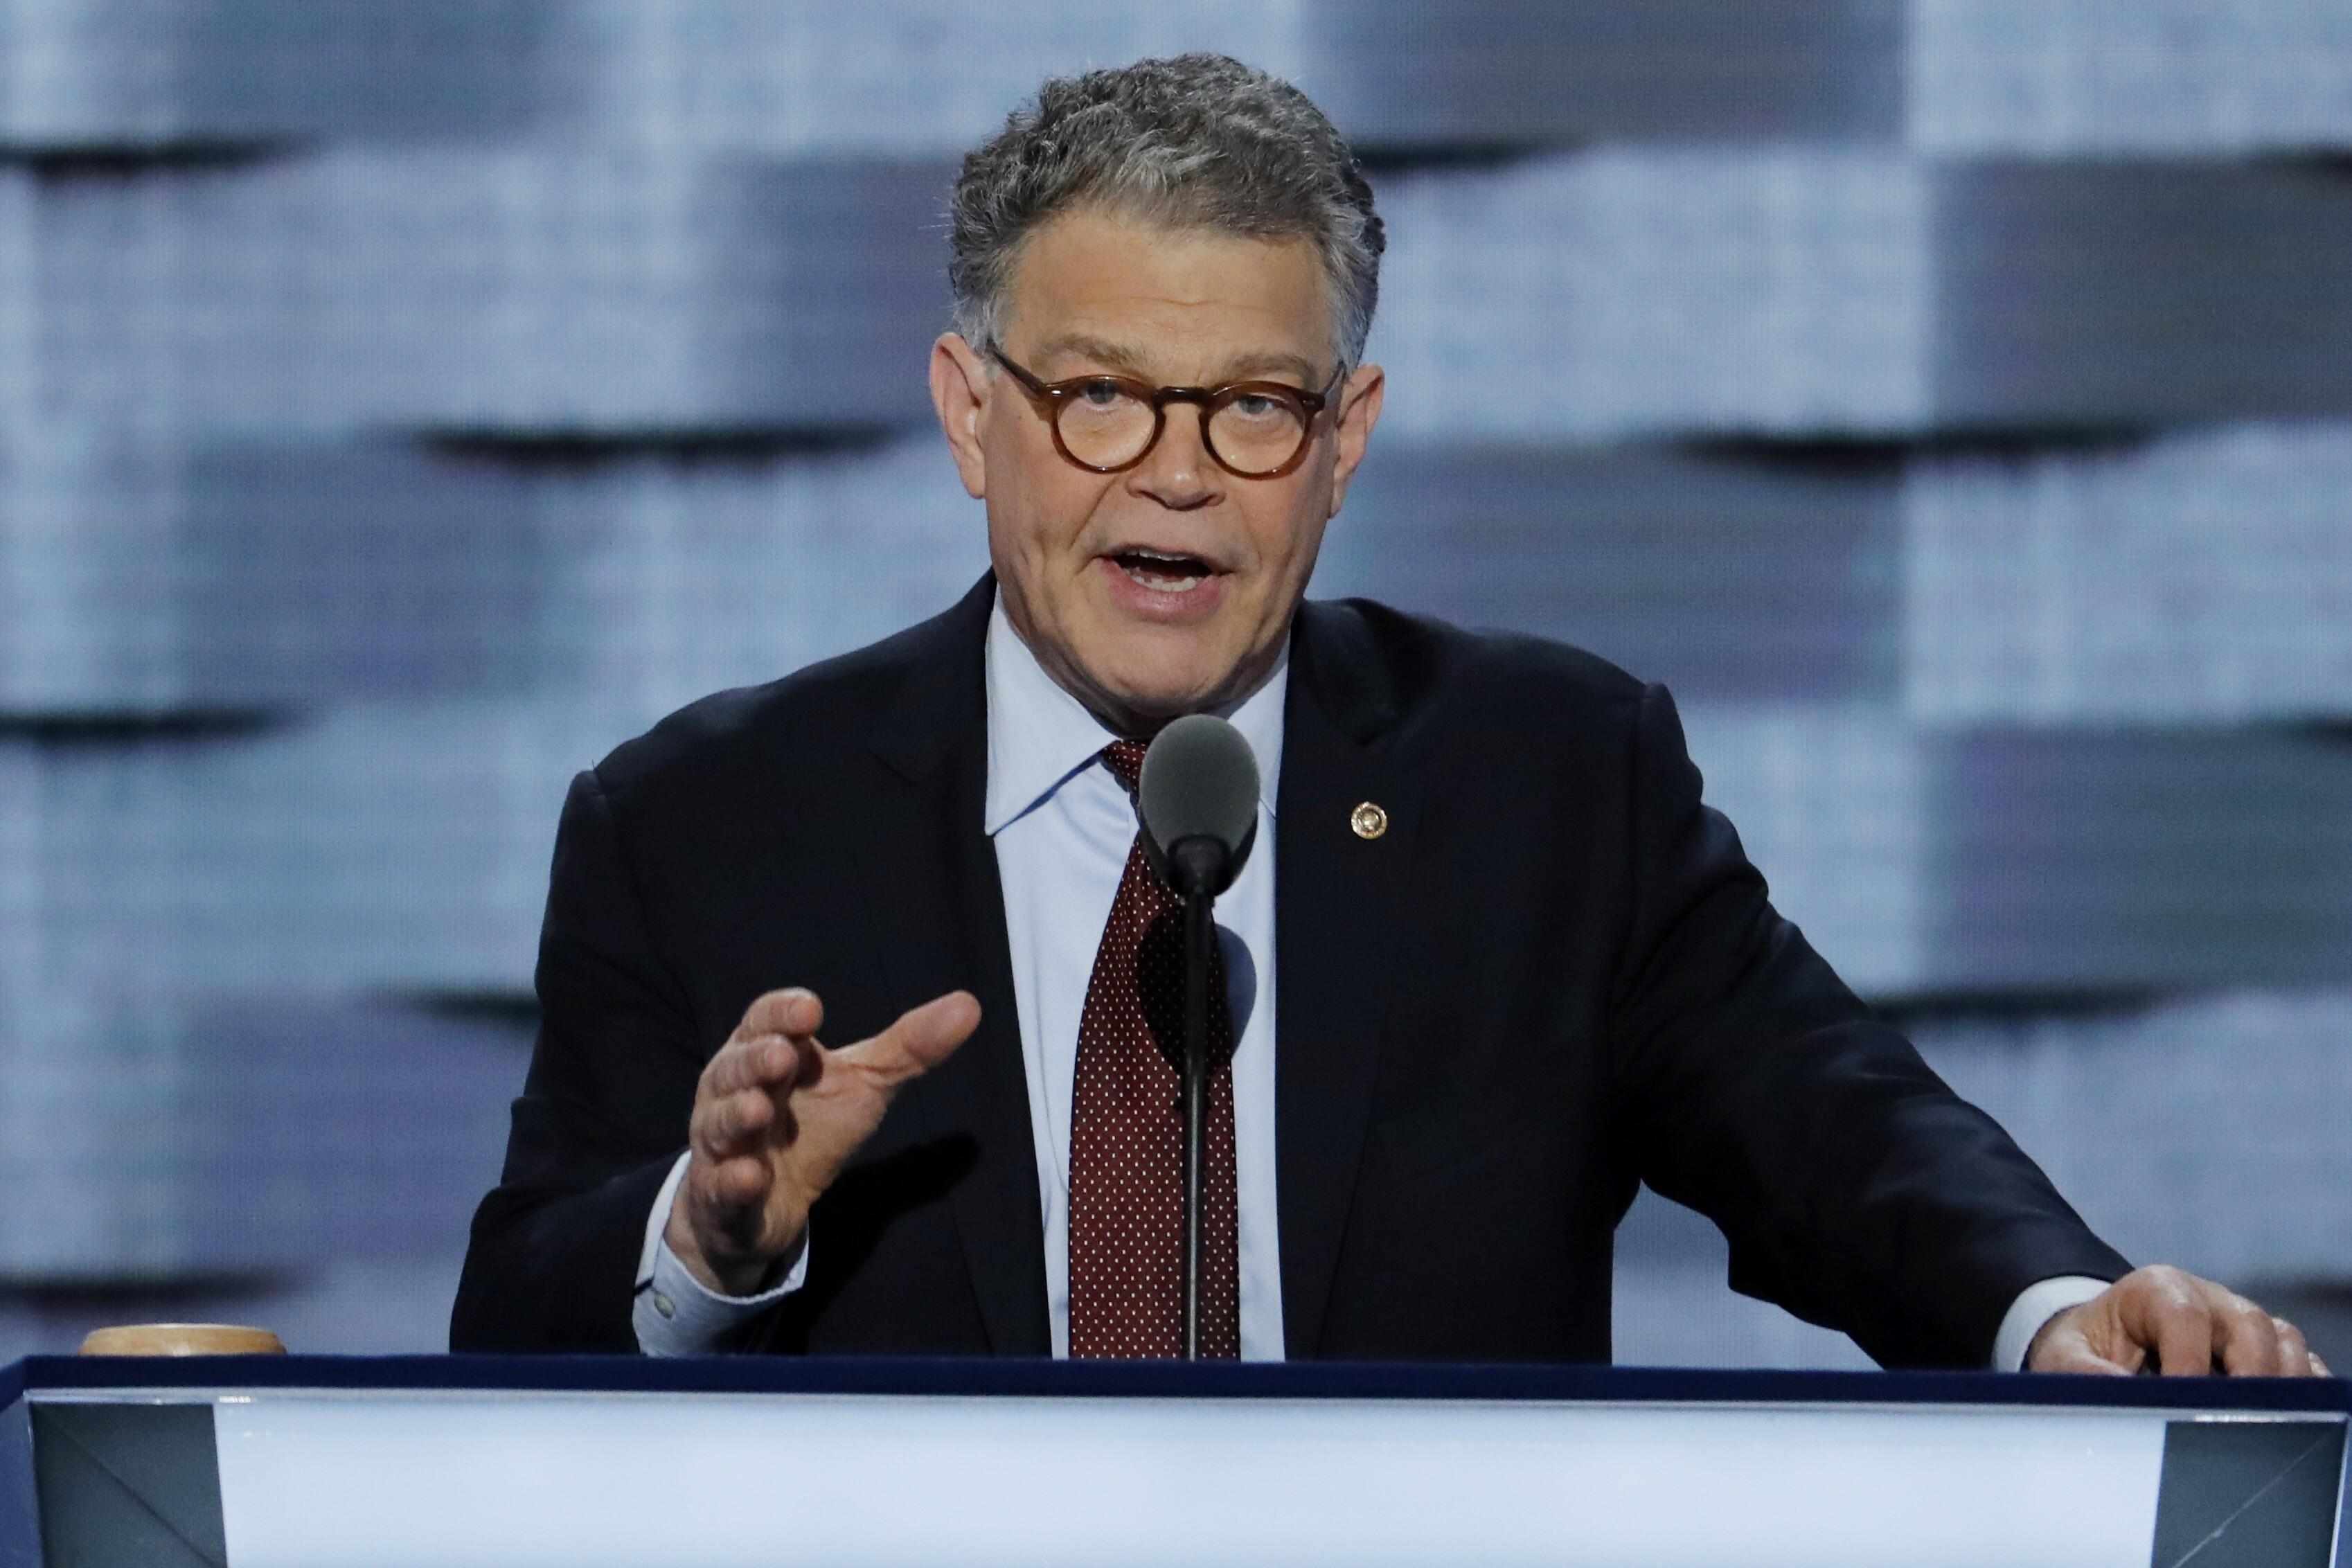 Democratic Senators Call For >> Democratic Senators Call For Ethics Probe Of Al Franken Not Resignation